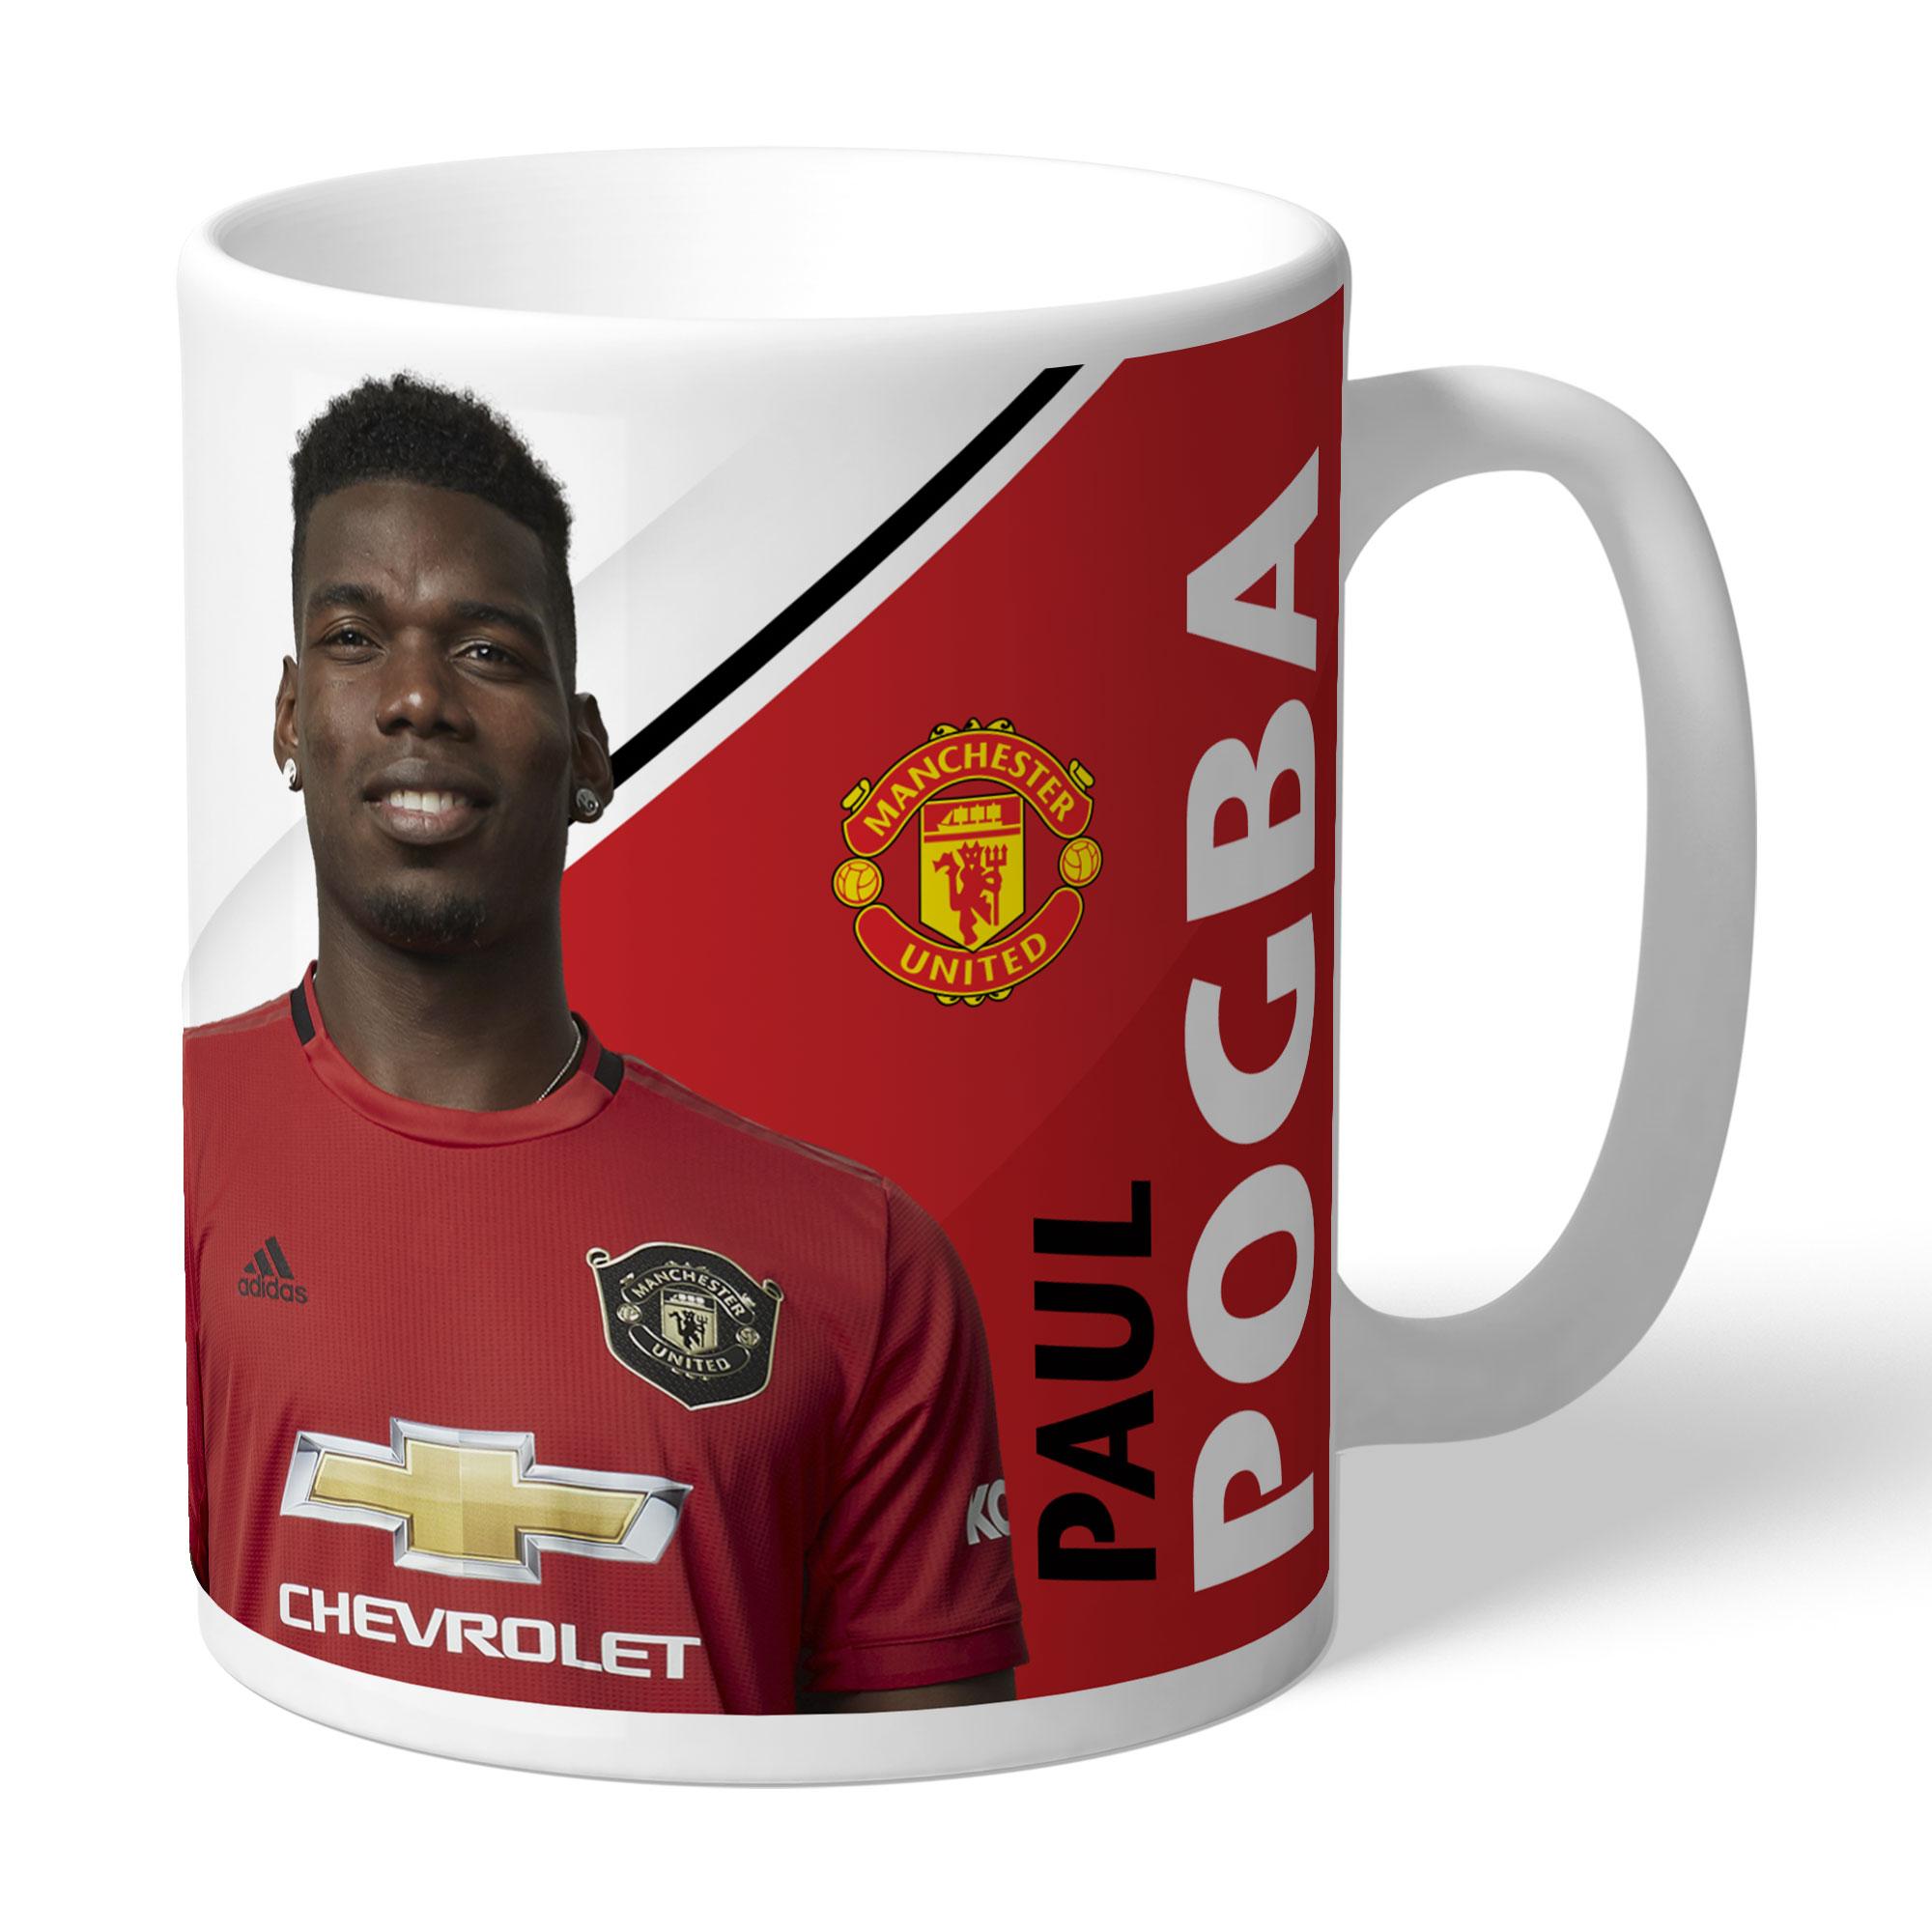 Taza con firma personalizada del Manchester United- Pogba